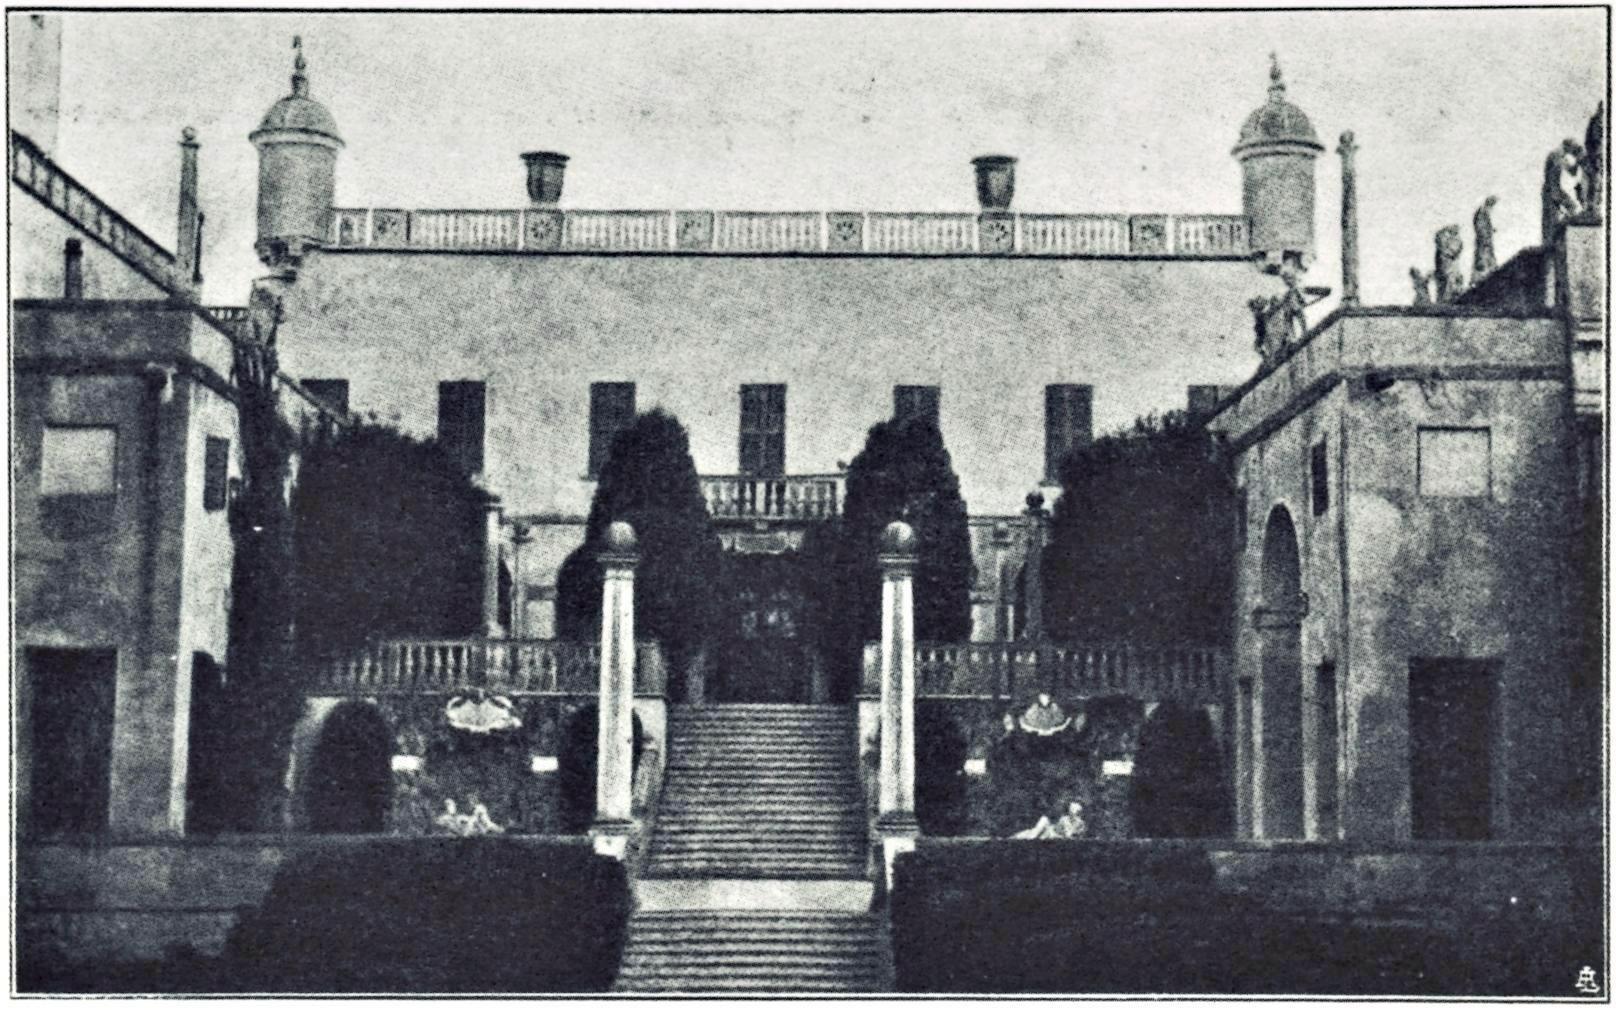 Battaglia - Terme, Castello del Catajo, Scala dei Giganti (1925).